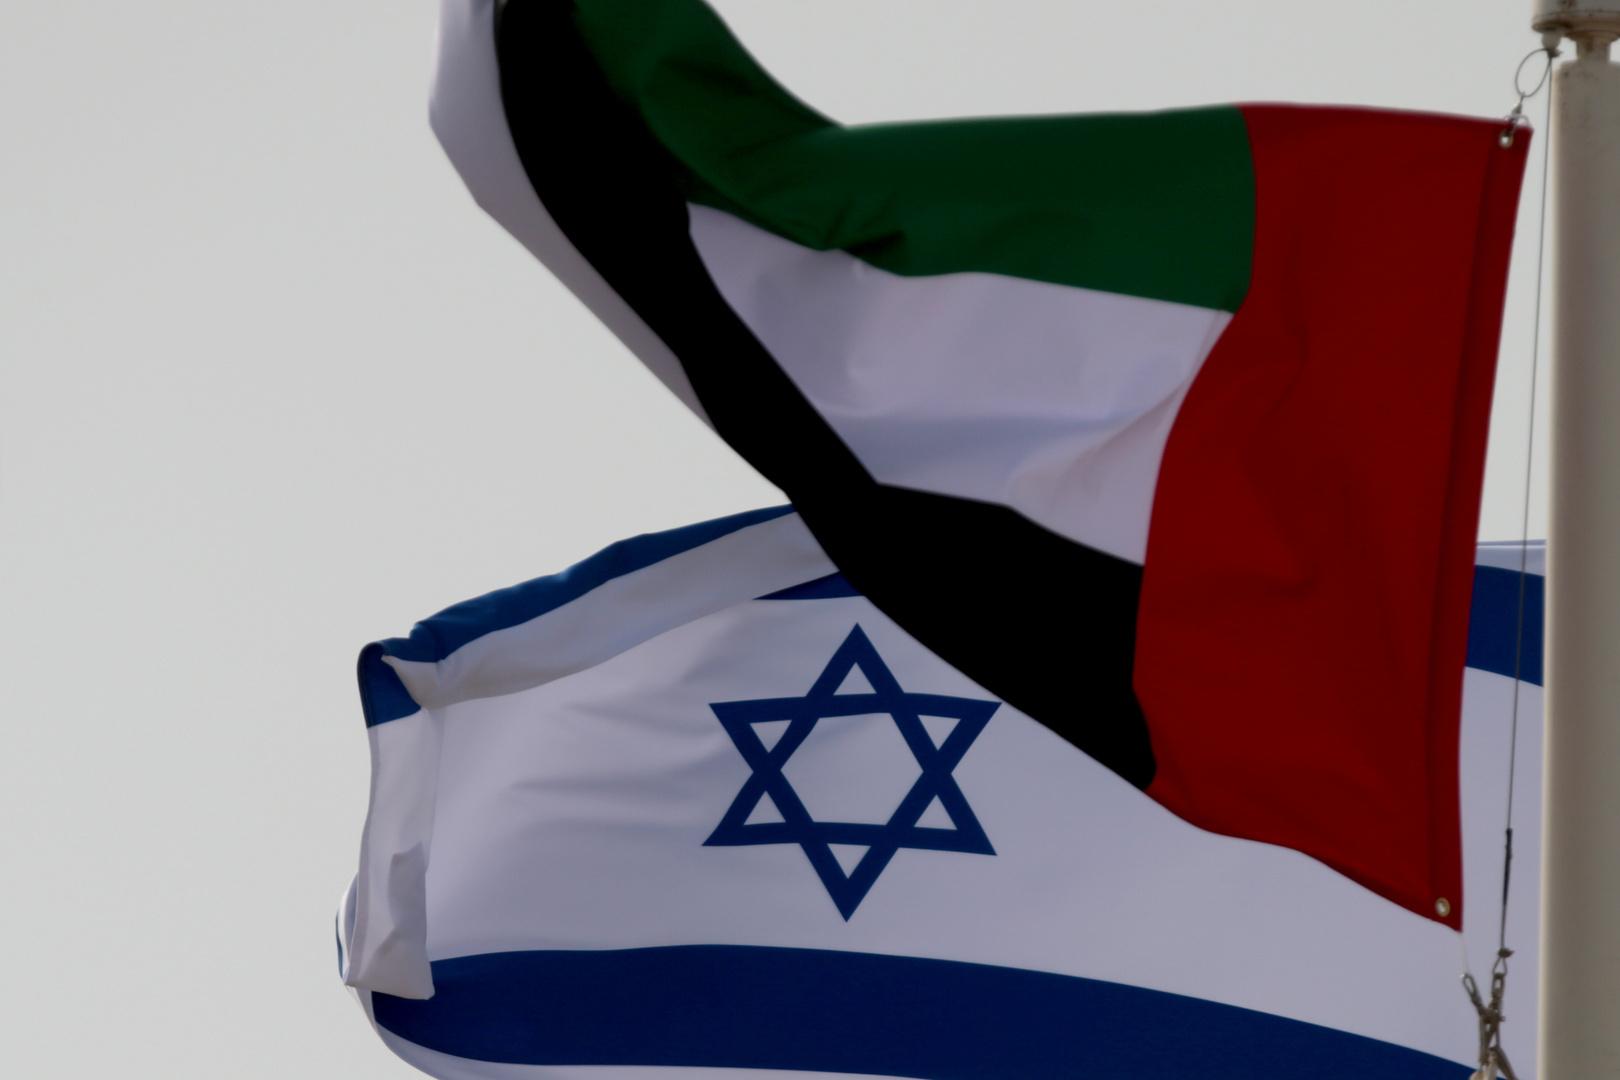 الإمارات تؤكد تعرضها لهجمات إلكترونية مكثفة بعد تطبيعها مع اسرائيل.. وتكشف الجهة